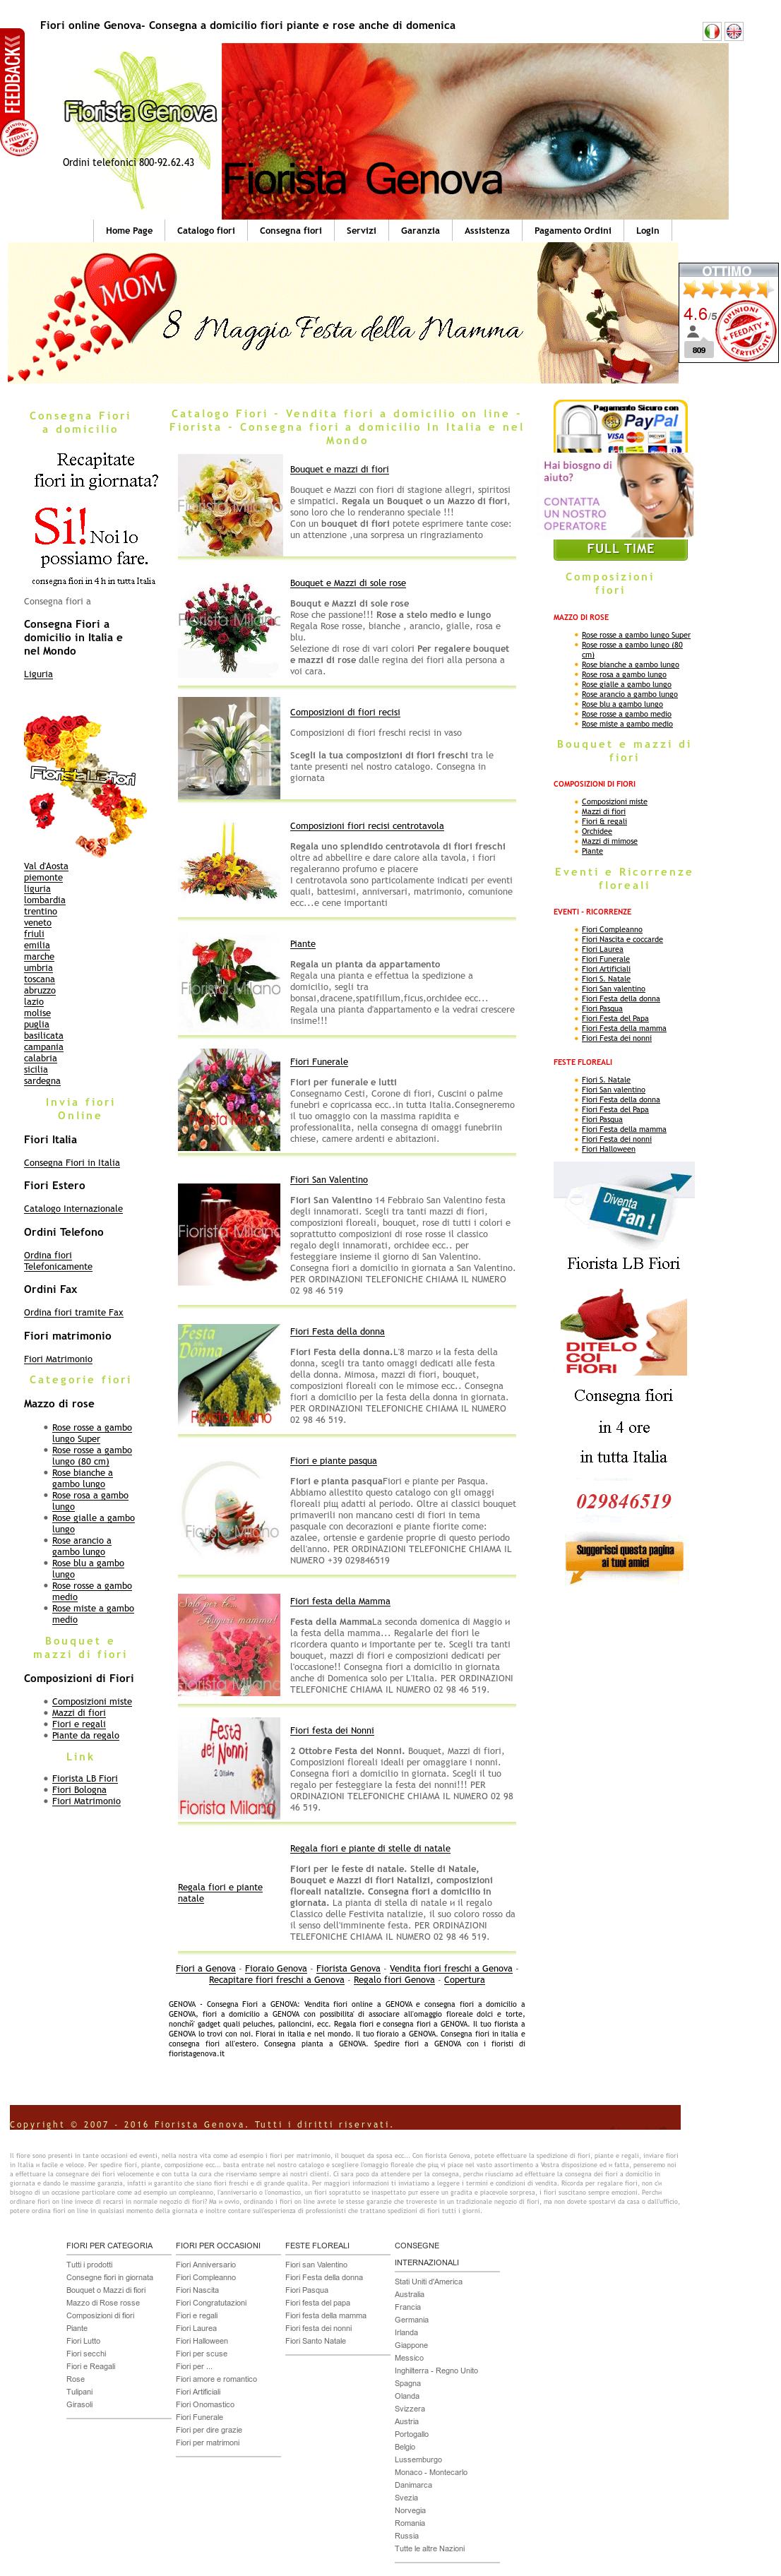 Consegna Fiori.Fiorista Lb Fiori Consegna Fiori Online Competitors Revenue And